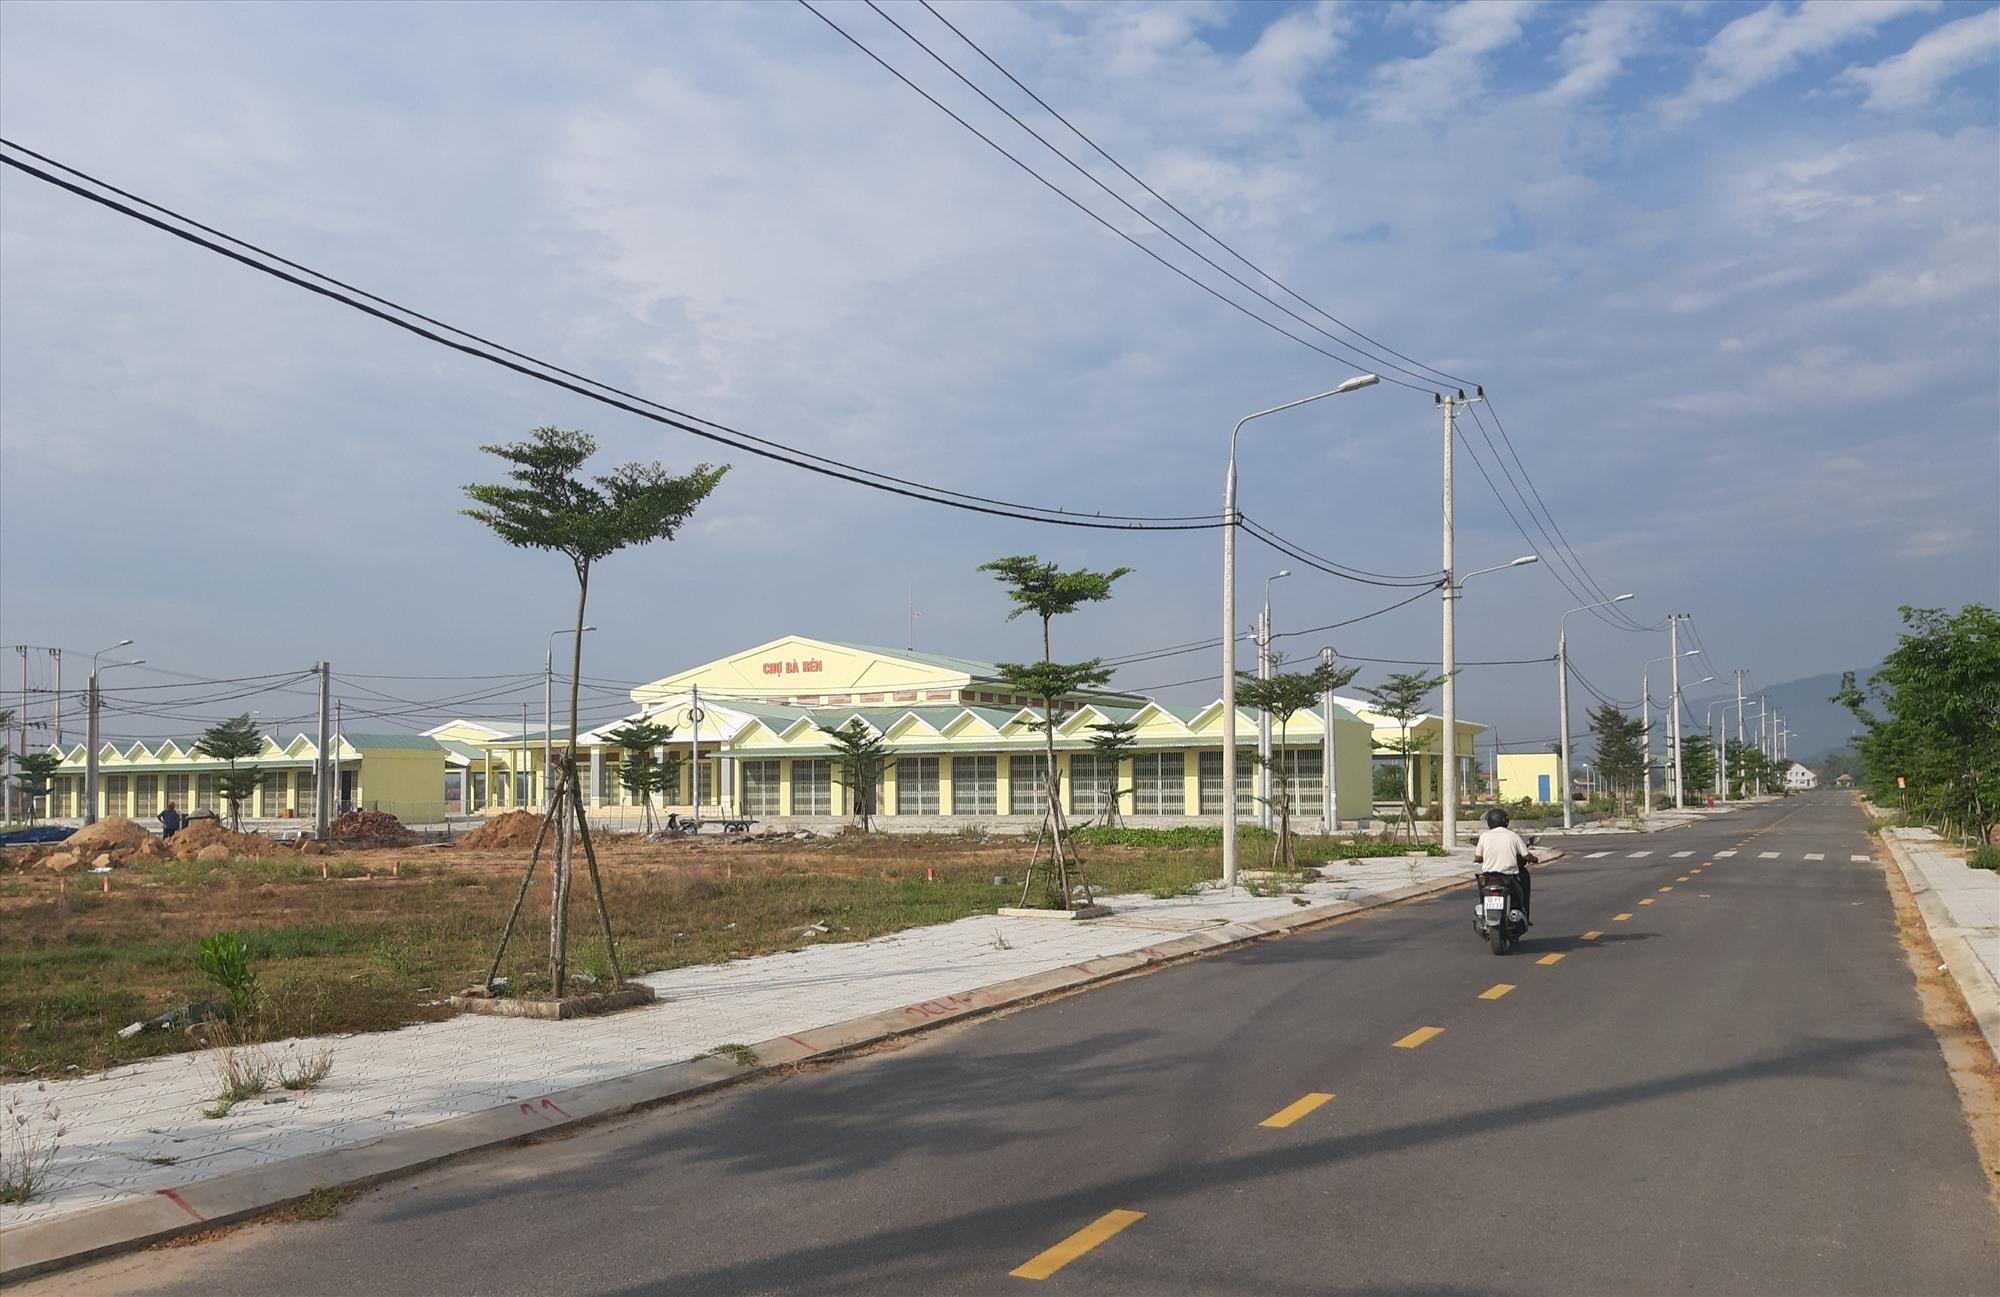 Khu phố chợ Bà Rén hình thành sẽ tạo đòn bẩy cho lĩnh vực thương mại - dịch vụ của xã Quế Xuân 1 phát triển mạnh mẽ.    Ảnh: VĂN SỰ